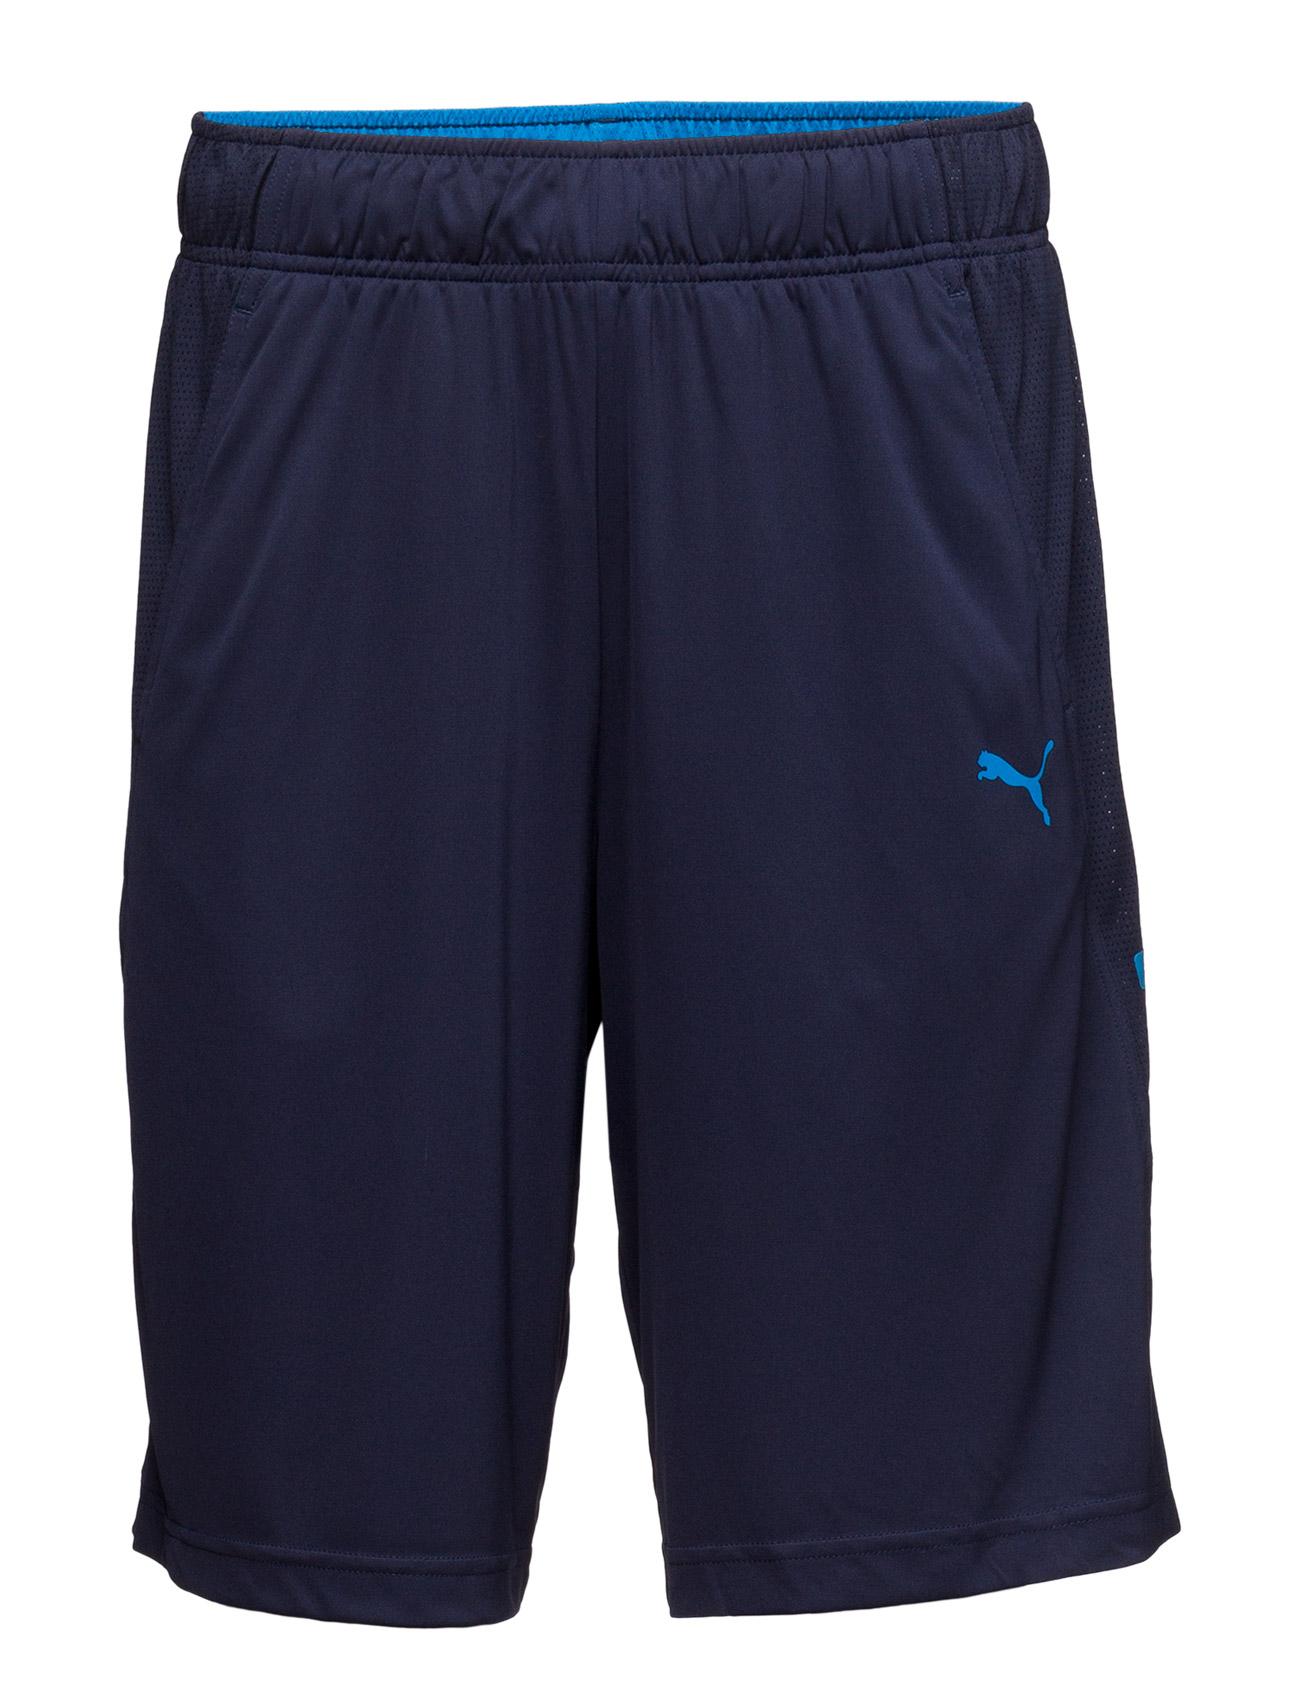 Essential Knit Grphc Short PUMA SPORT Træningsshorts til Mænd i